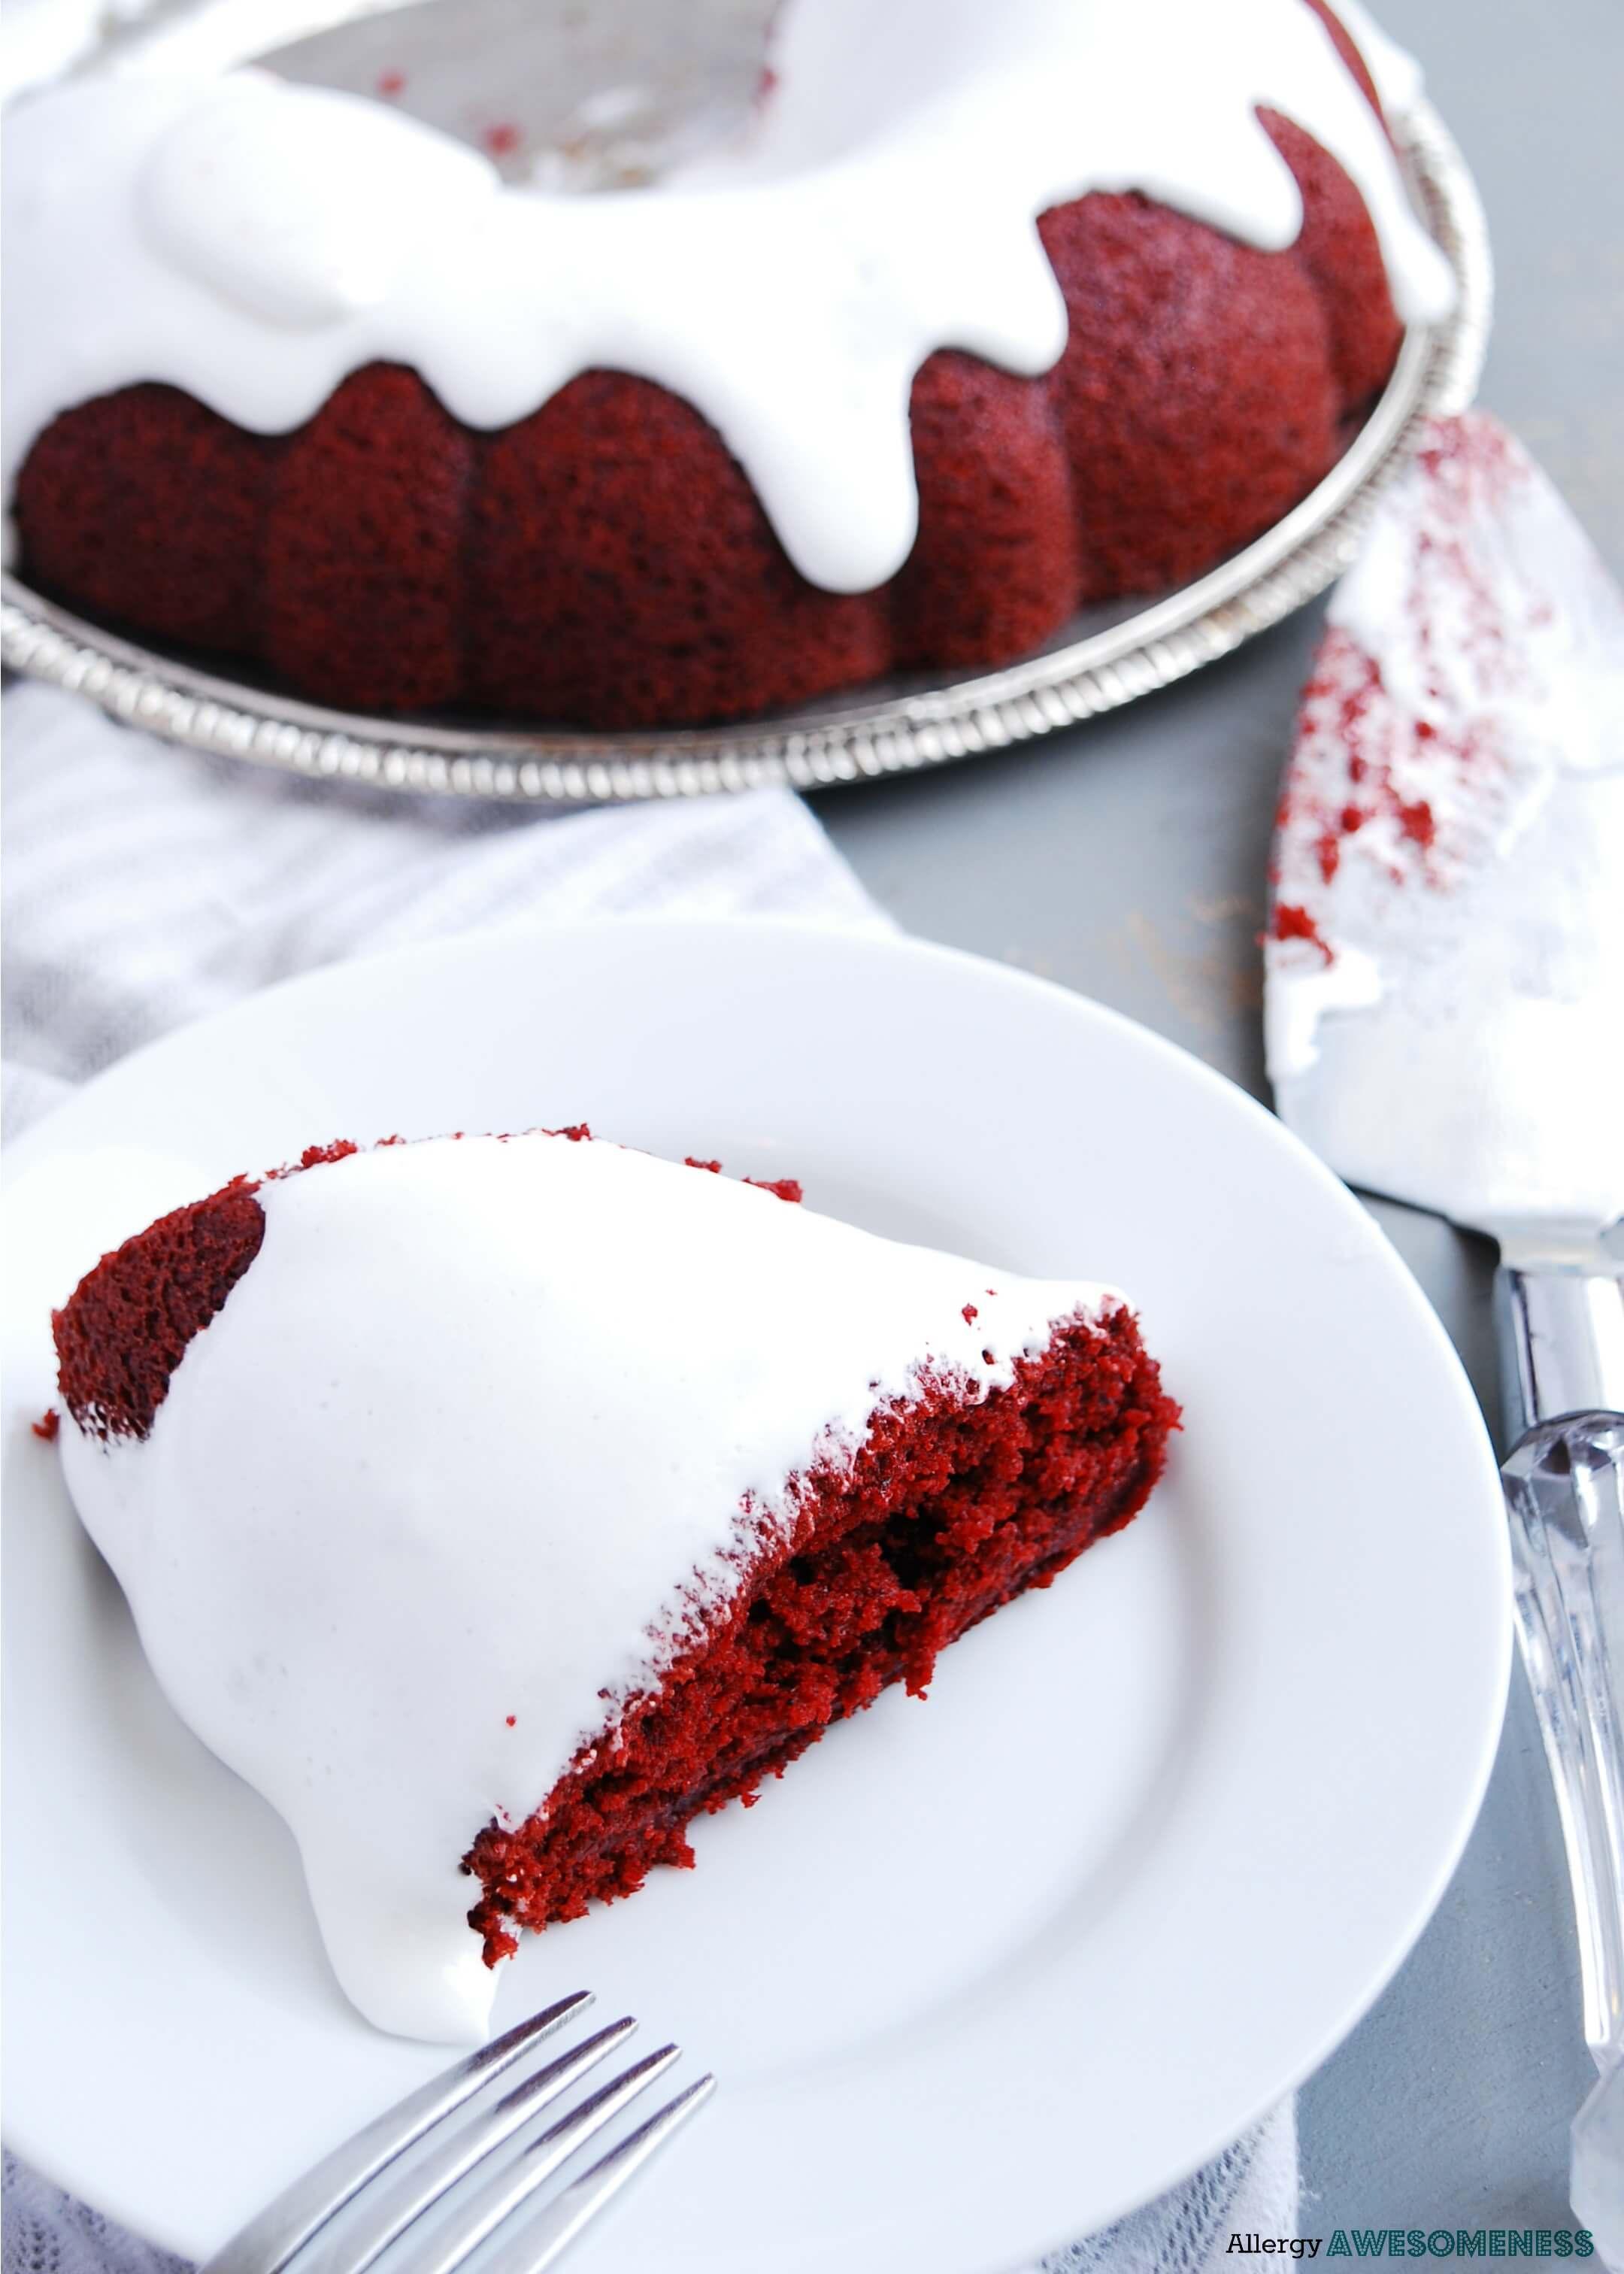 Gluten Free Vegan Red Velvet Bundt Cake With Sticky Marshmallow Icing Allergy Awesomeness